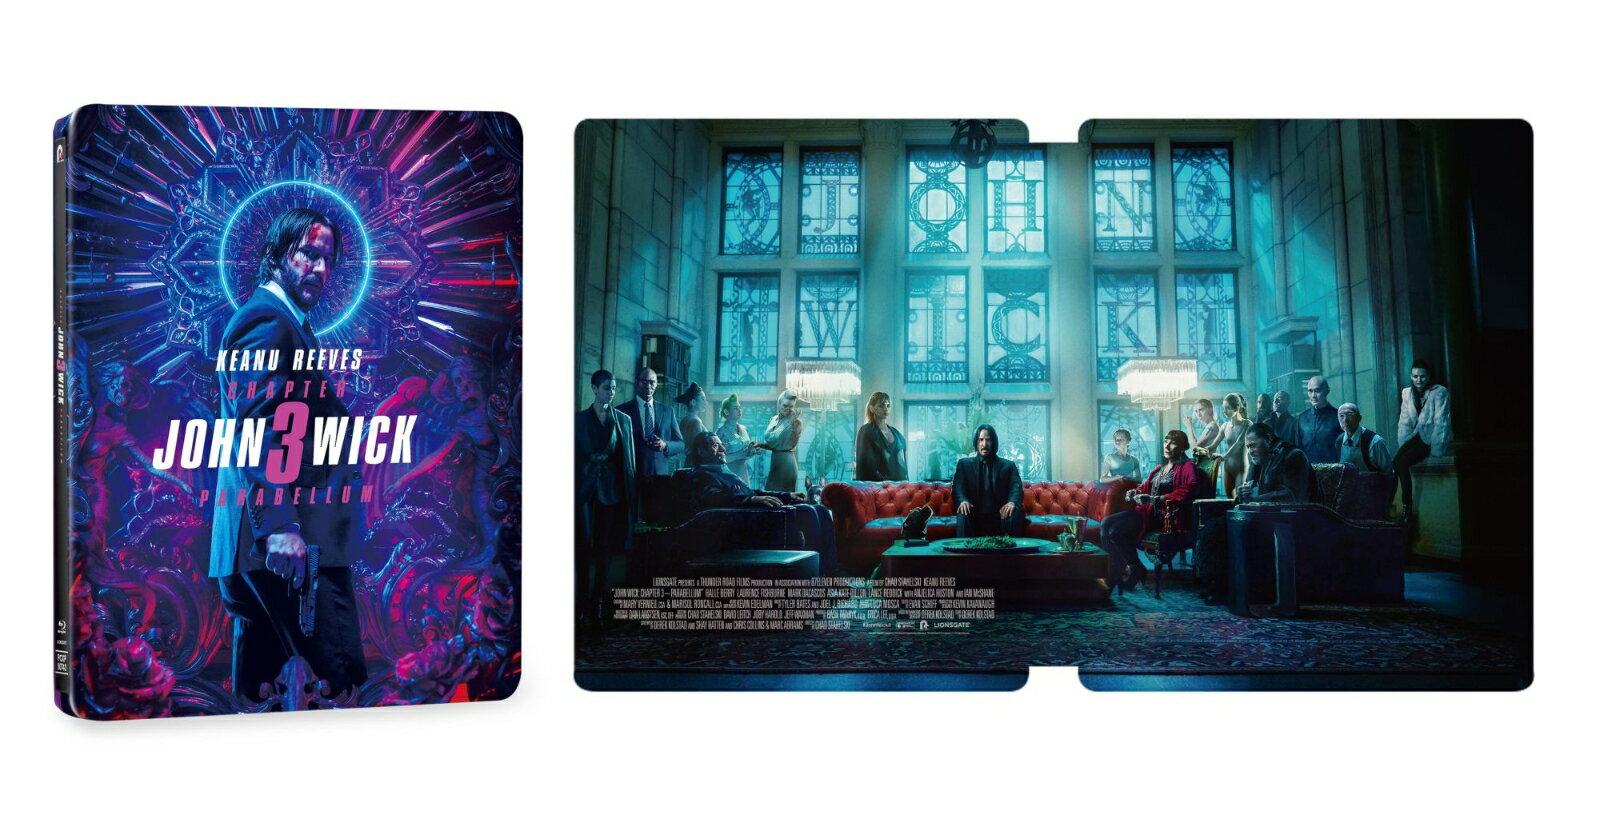 ジョン・ウィック:パラベラム コレクターズ・エディション【数量限定スチールブック仕様・日本オリジナルデザイン】【Blu-ray】